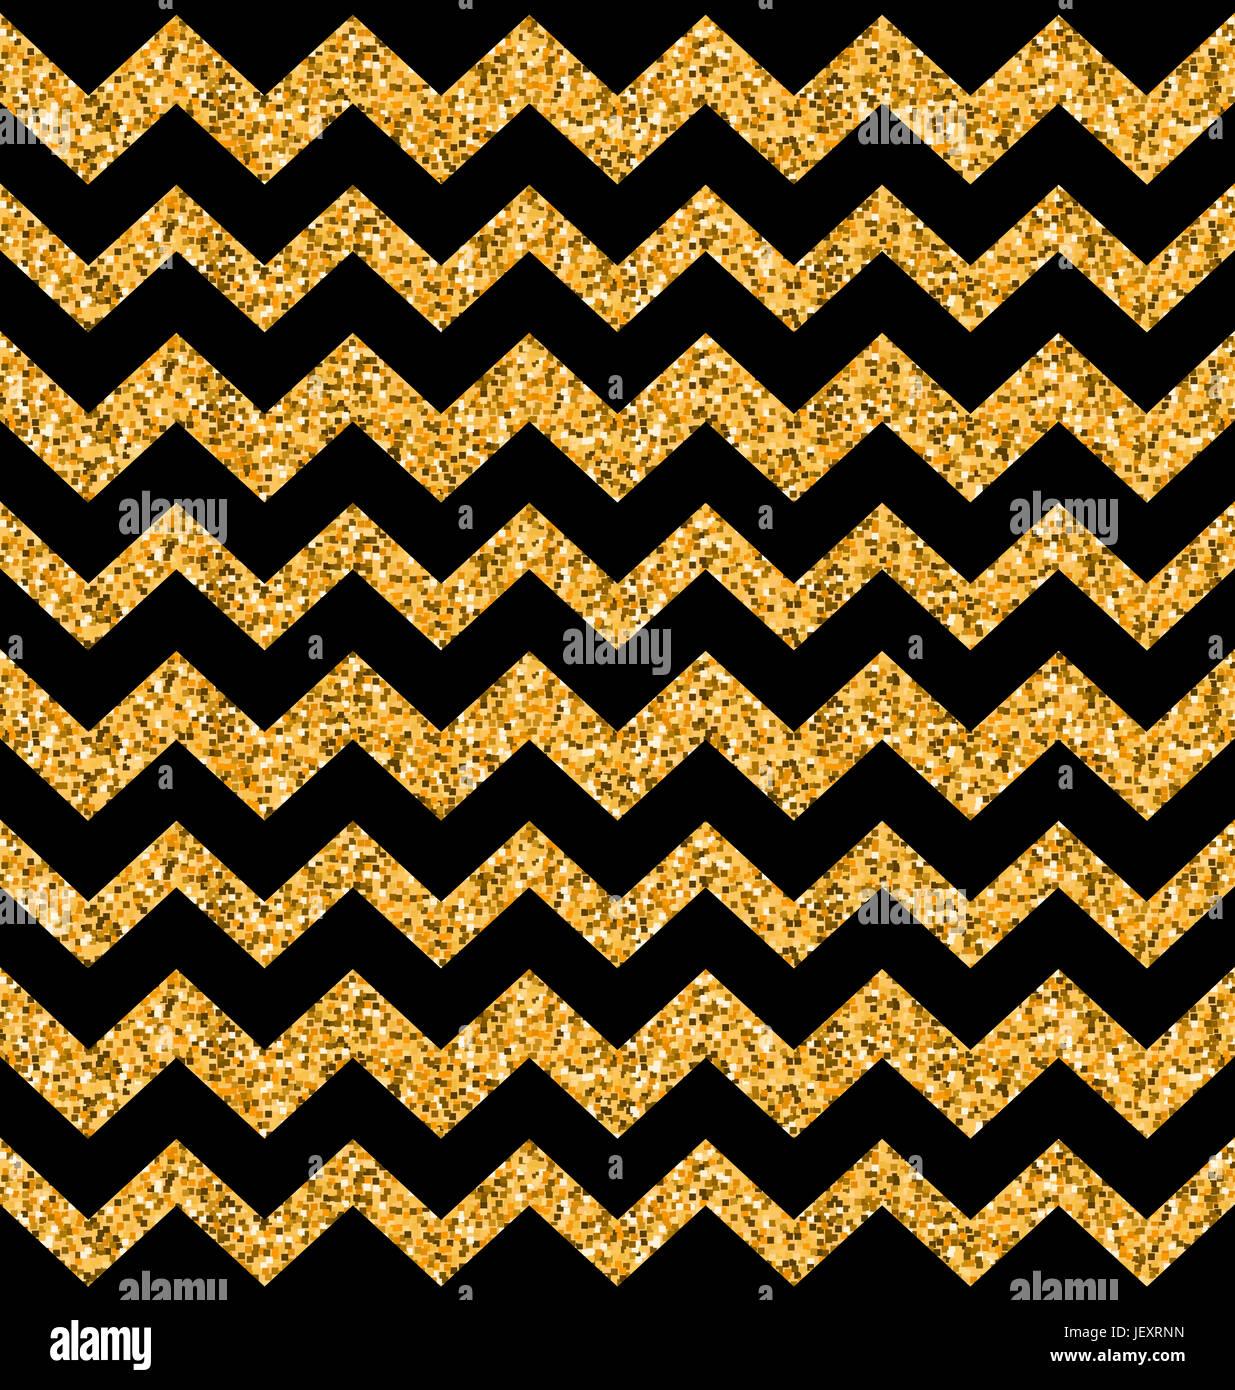 Illustration Glitter Seamless Zigzag Texture On Black